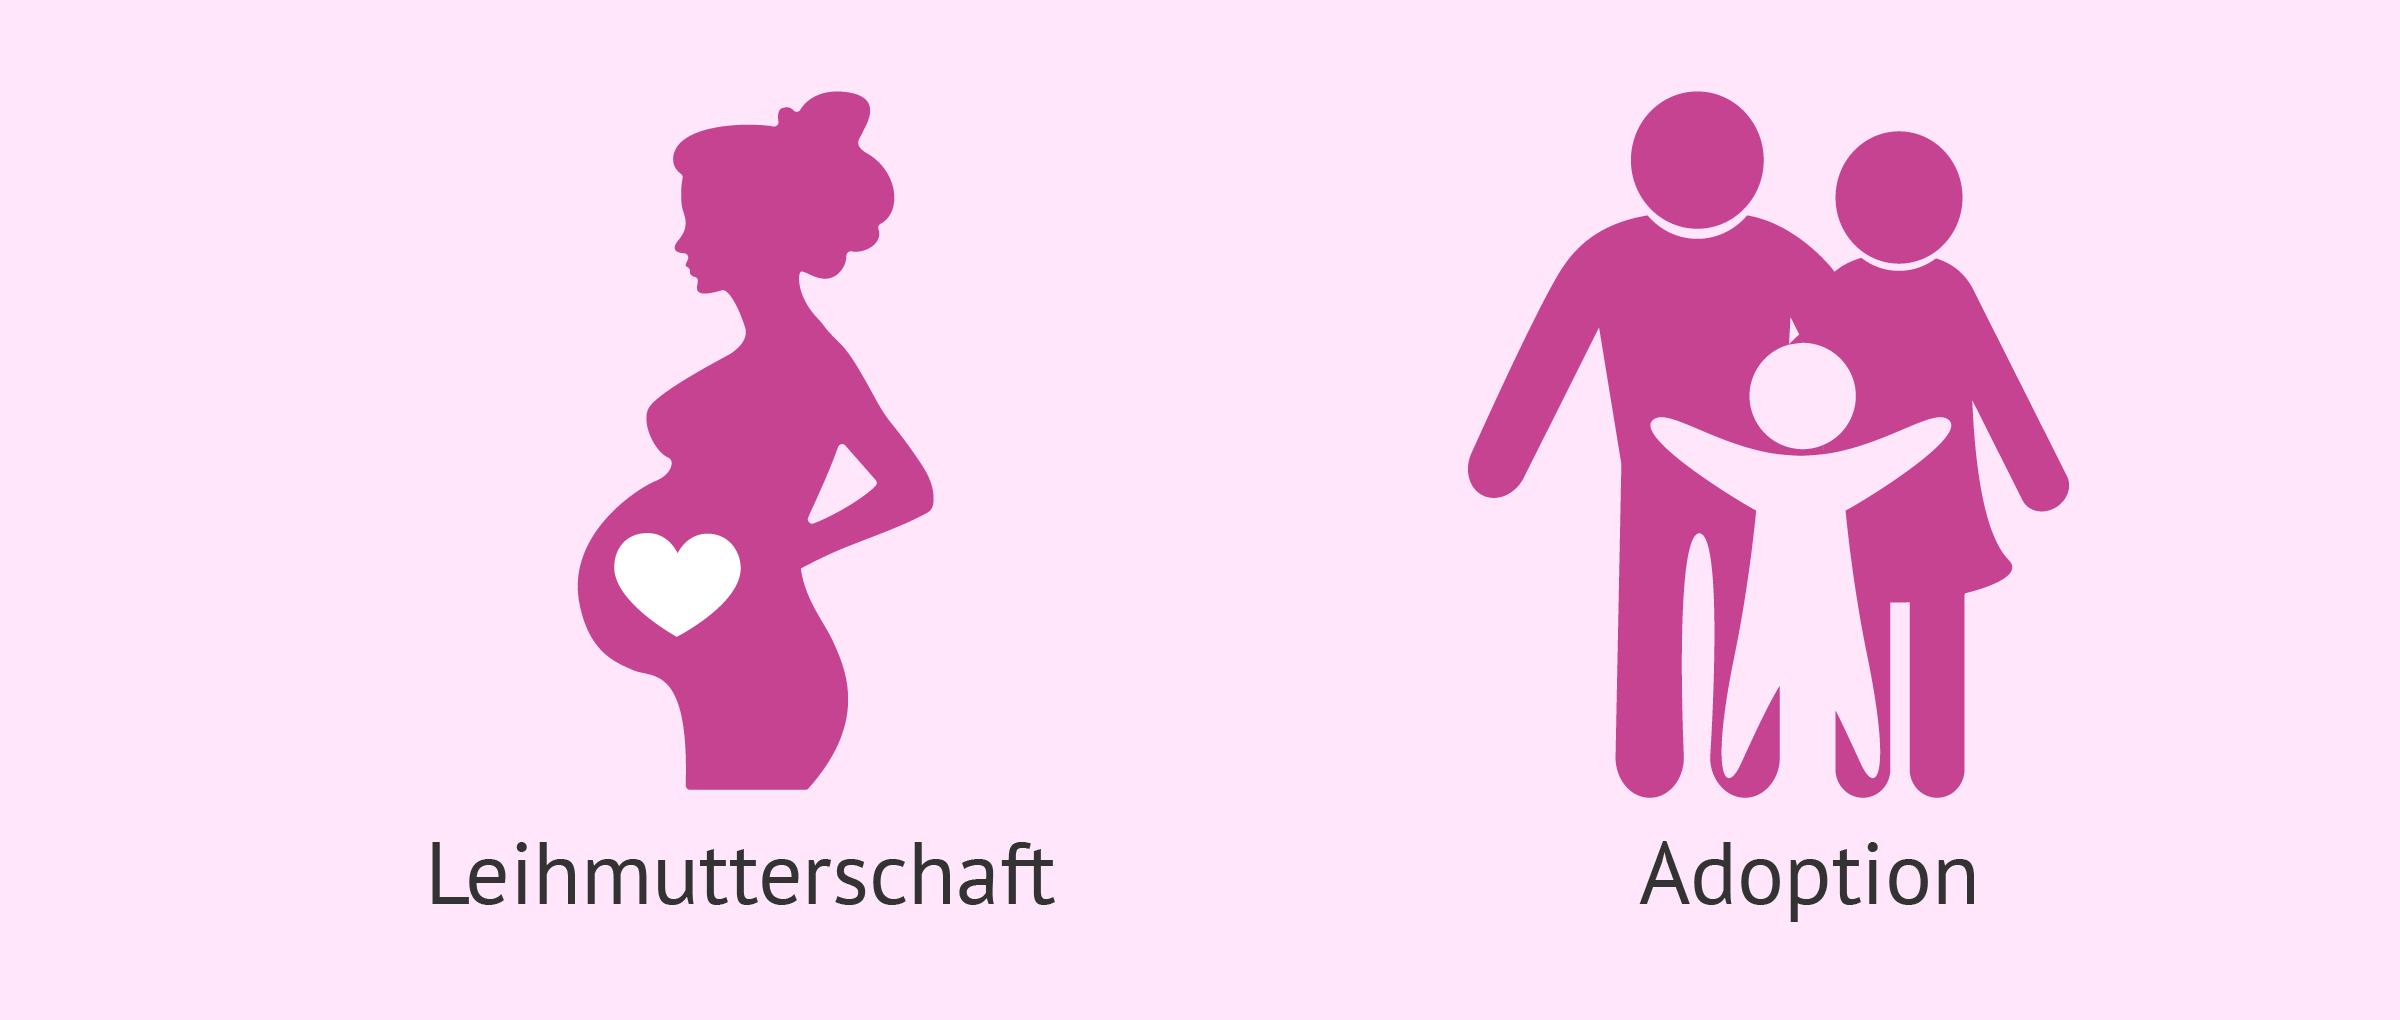 Leihmutterschaft oder Adoption: Was sind die Unterschiede?